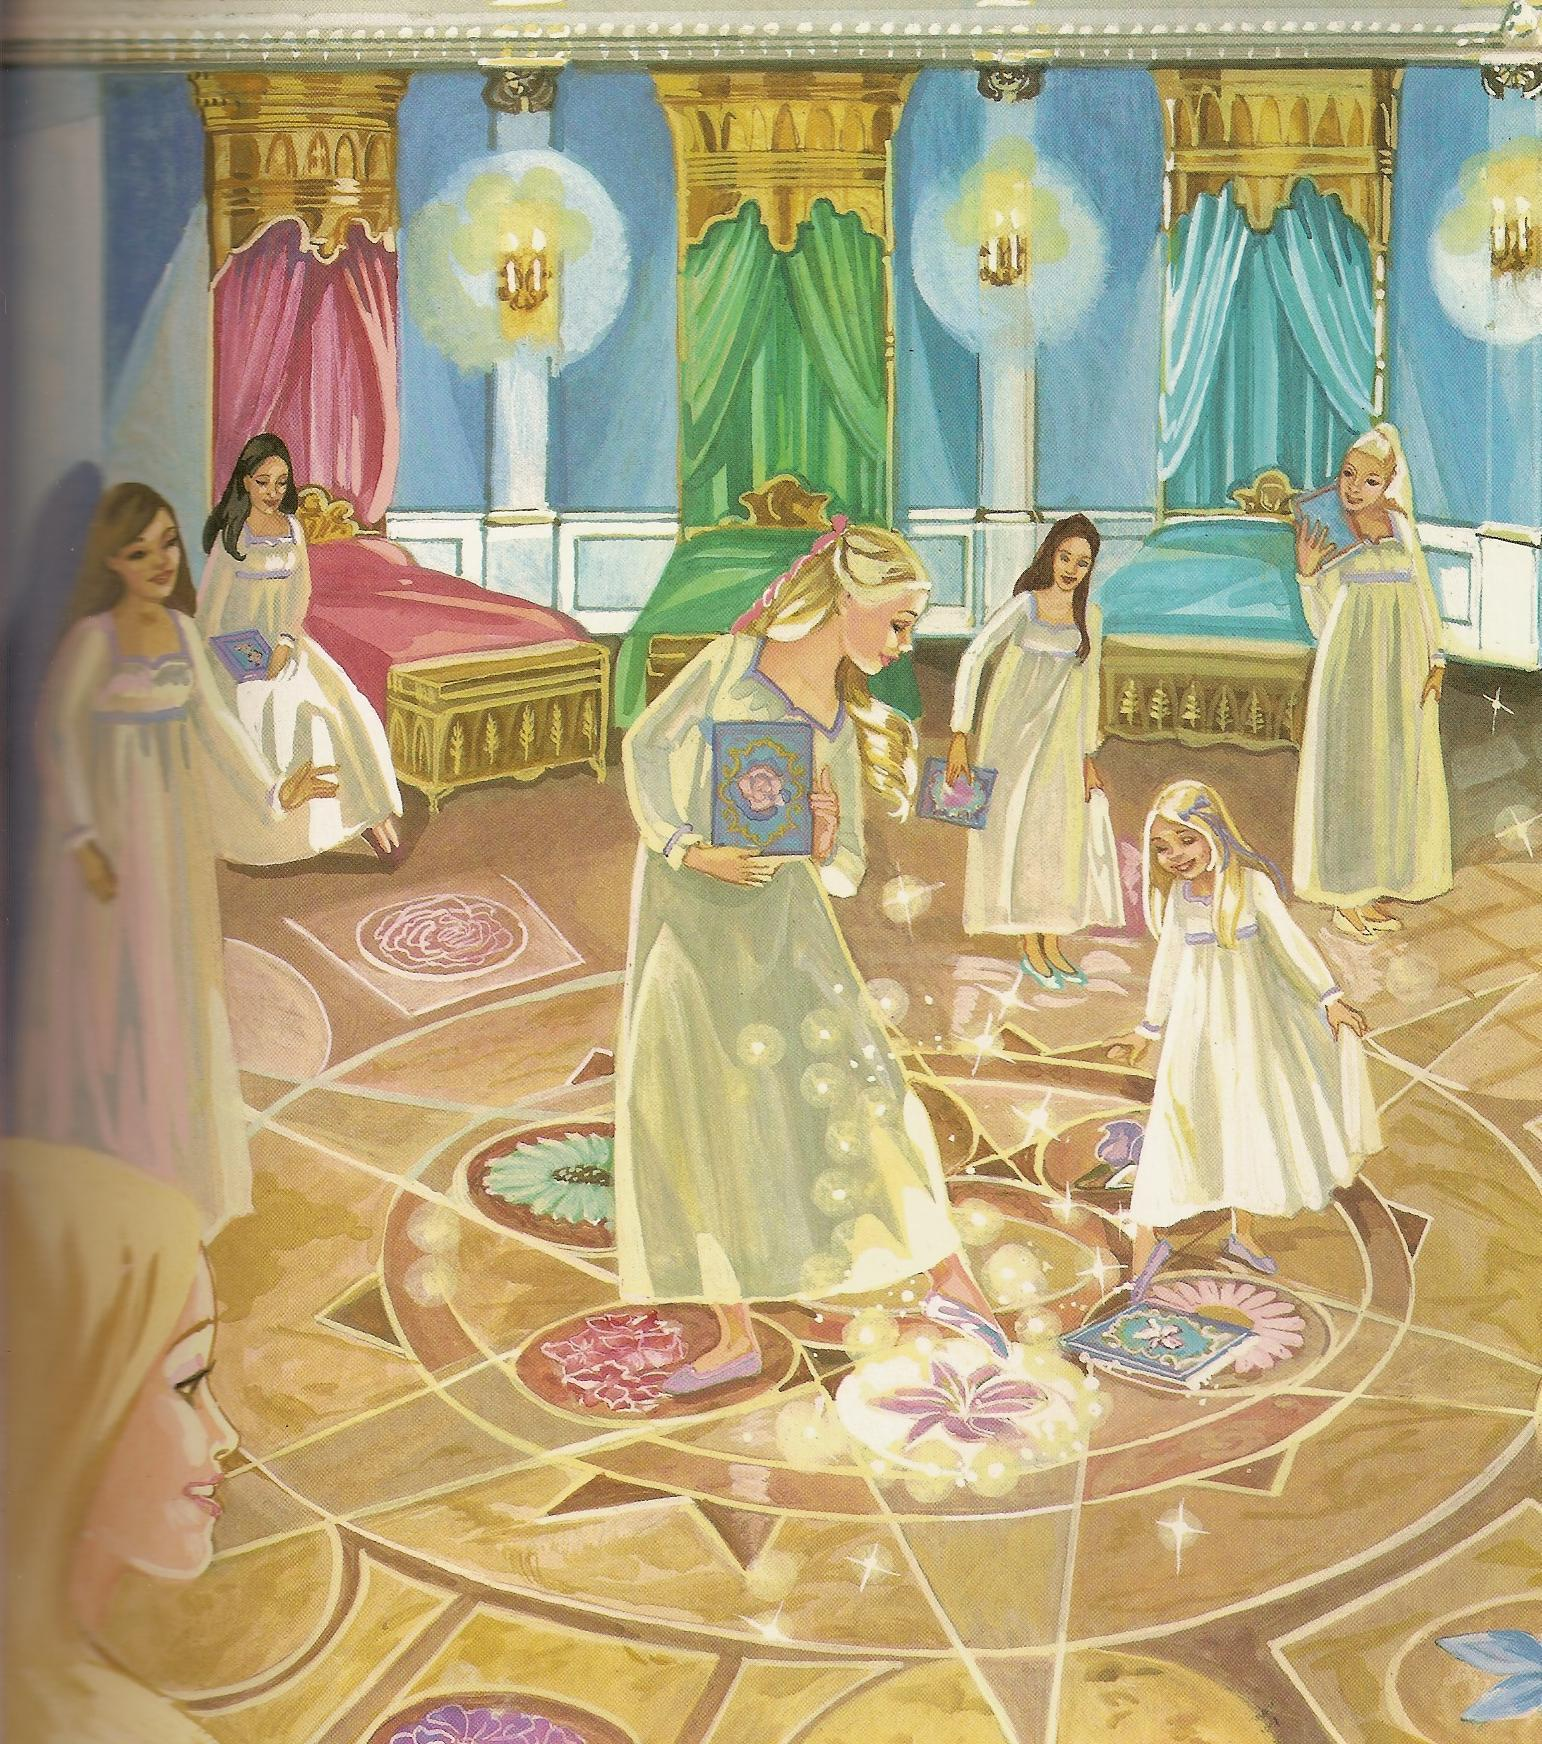 búp bê barbie 12 nàng công chúa hình n�n titled 12 Dancing Princesses